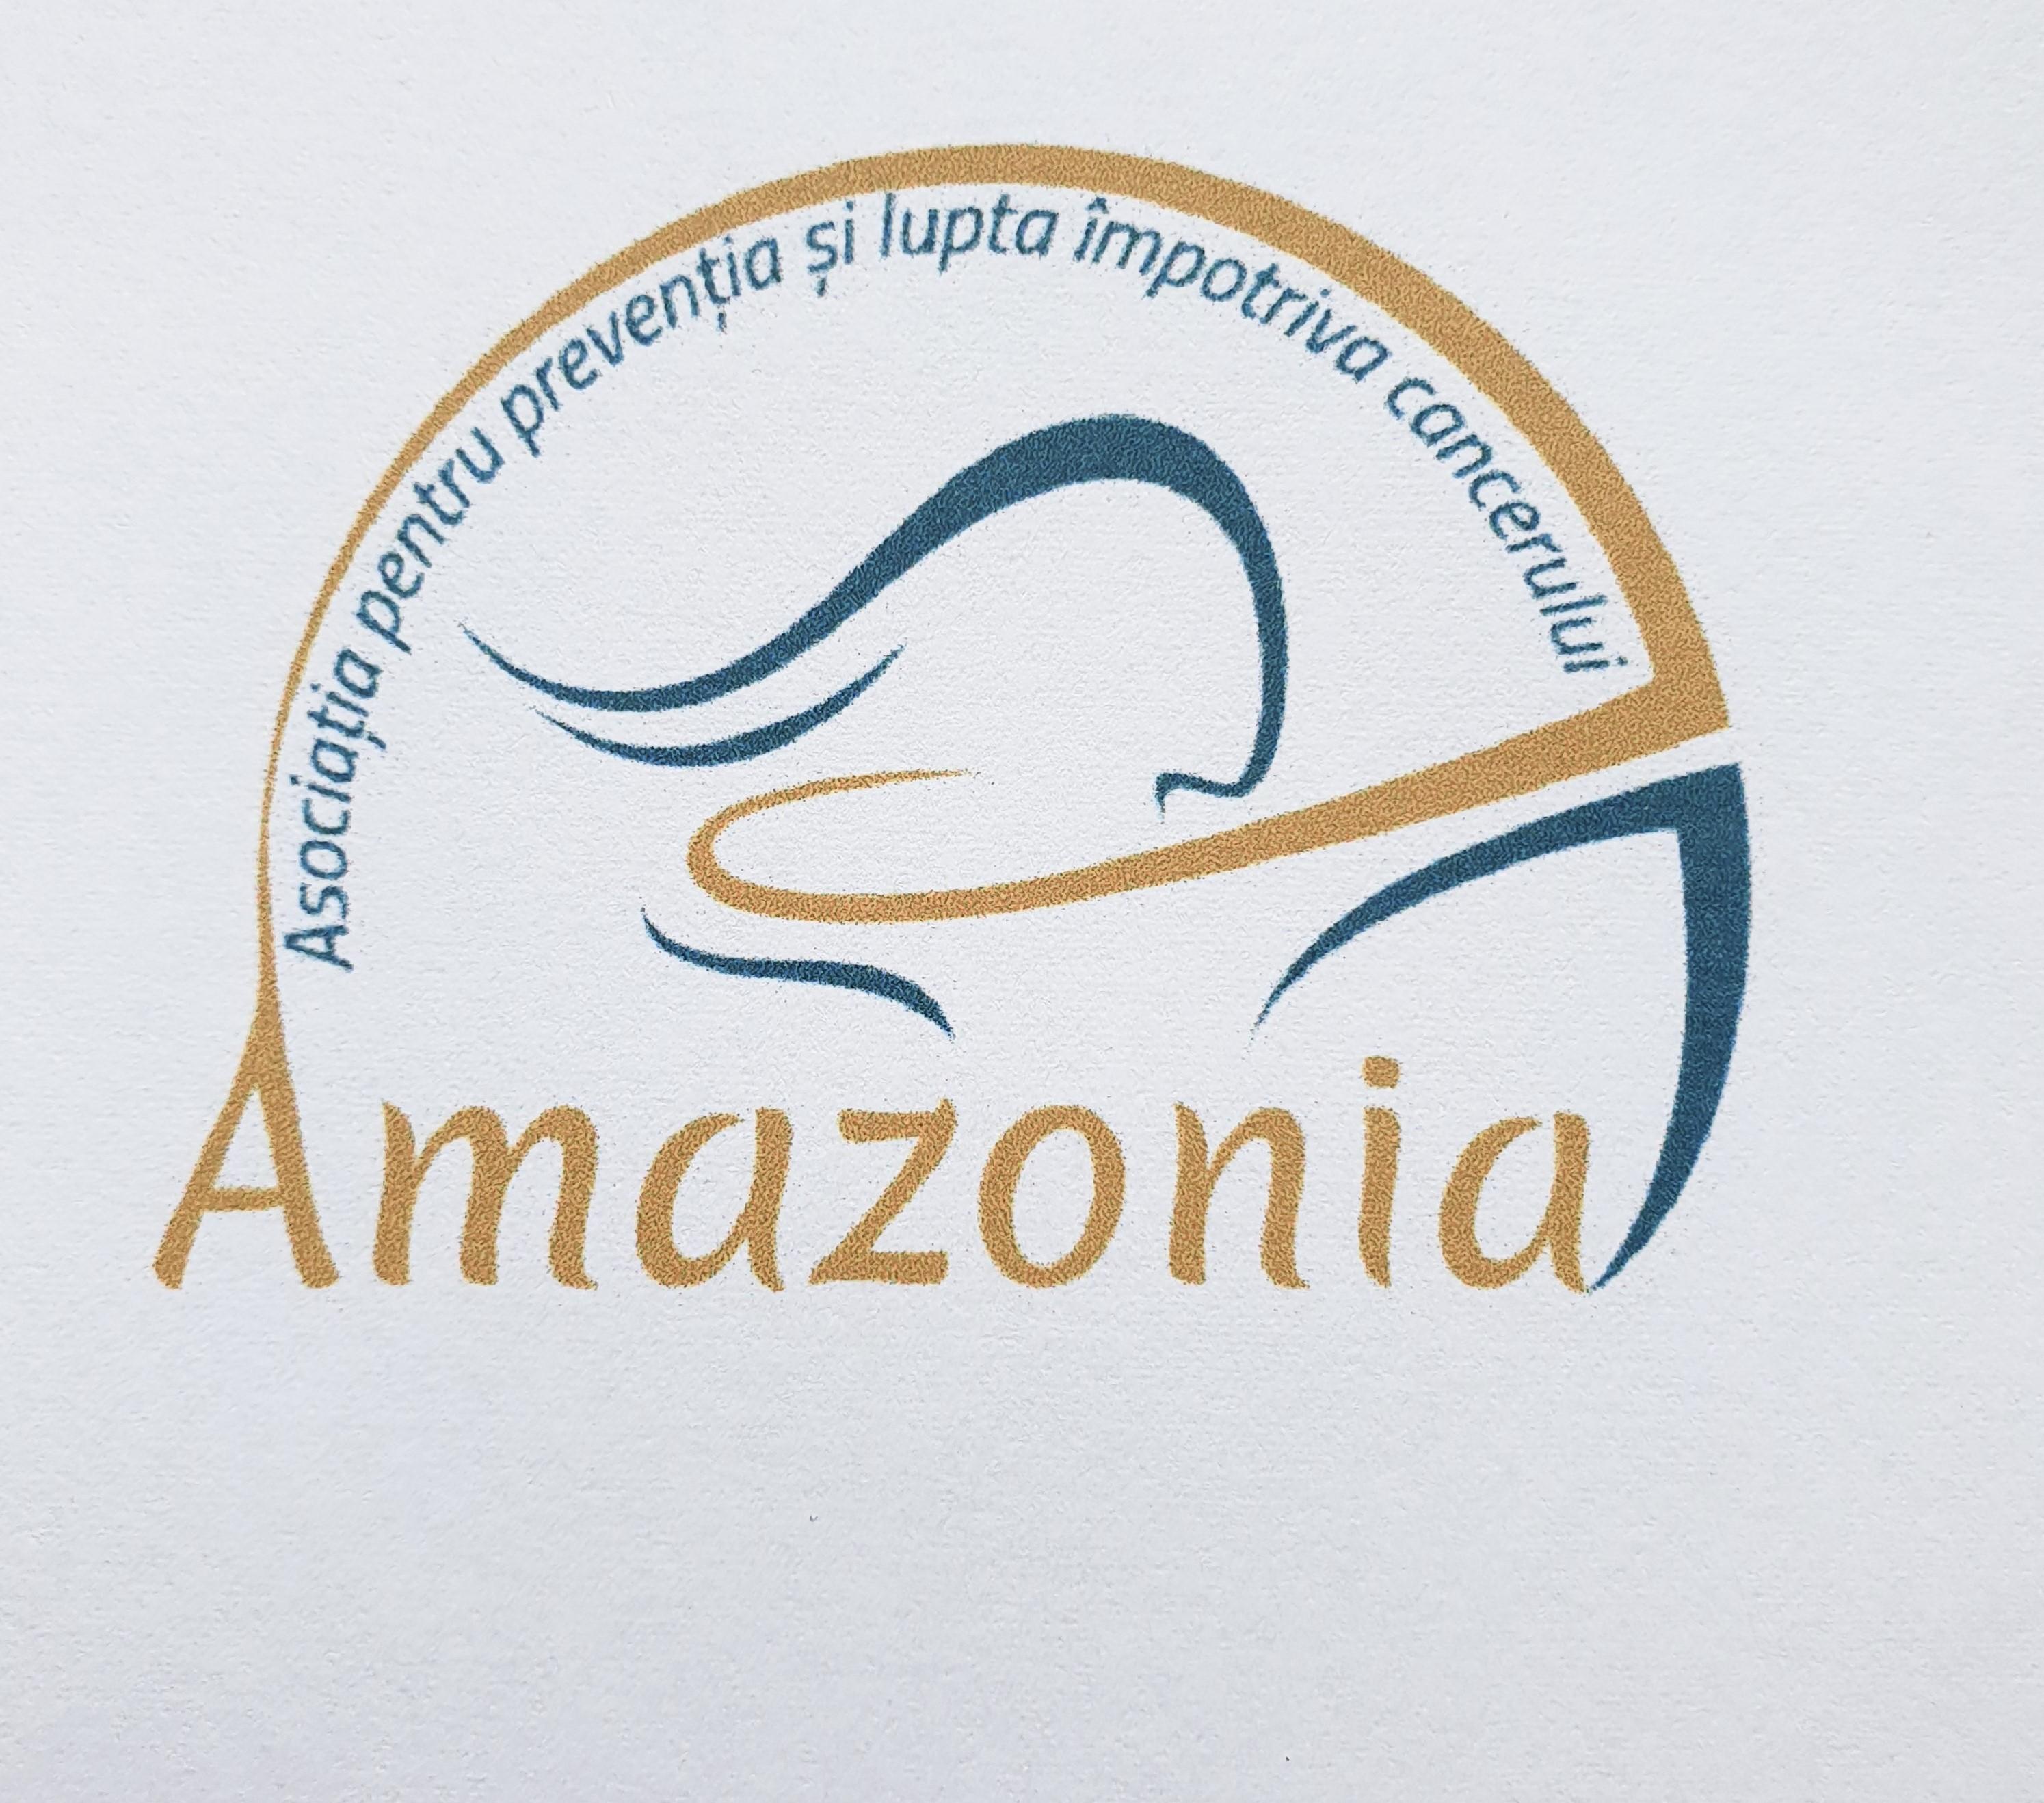 Asociatia pentru preventia si lupta impotriva cancerului AMAZONIA logo